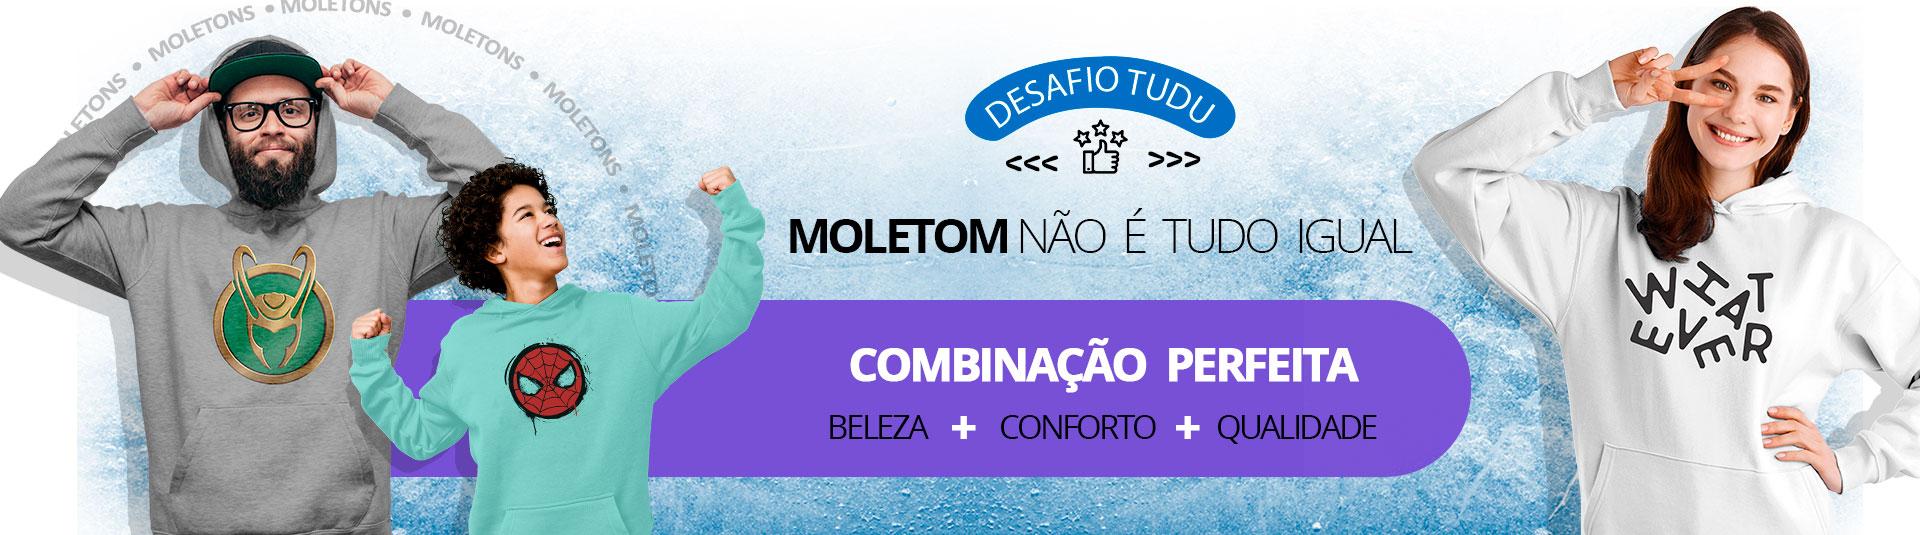 banner da coleção + nomedacolecao